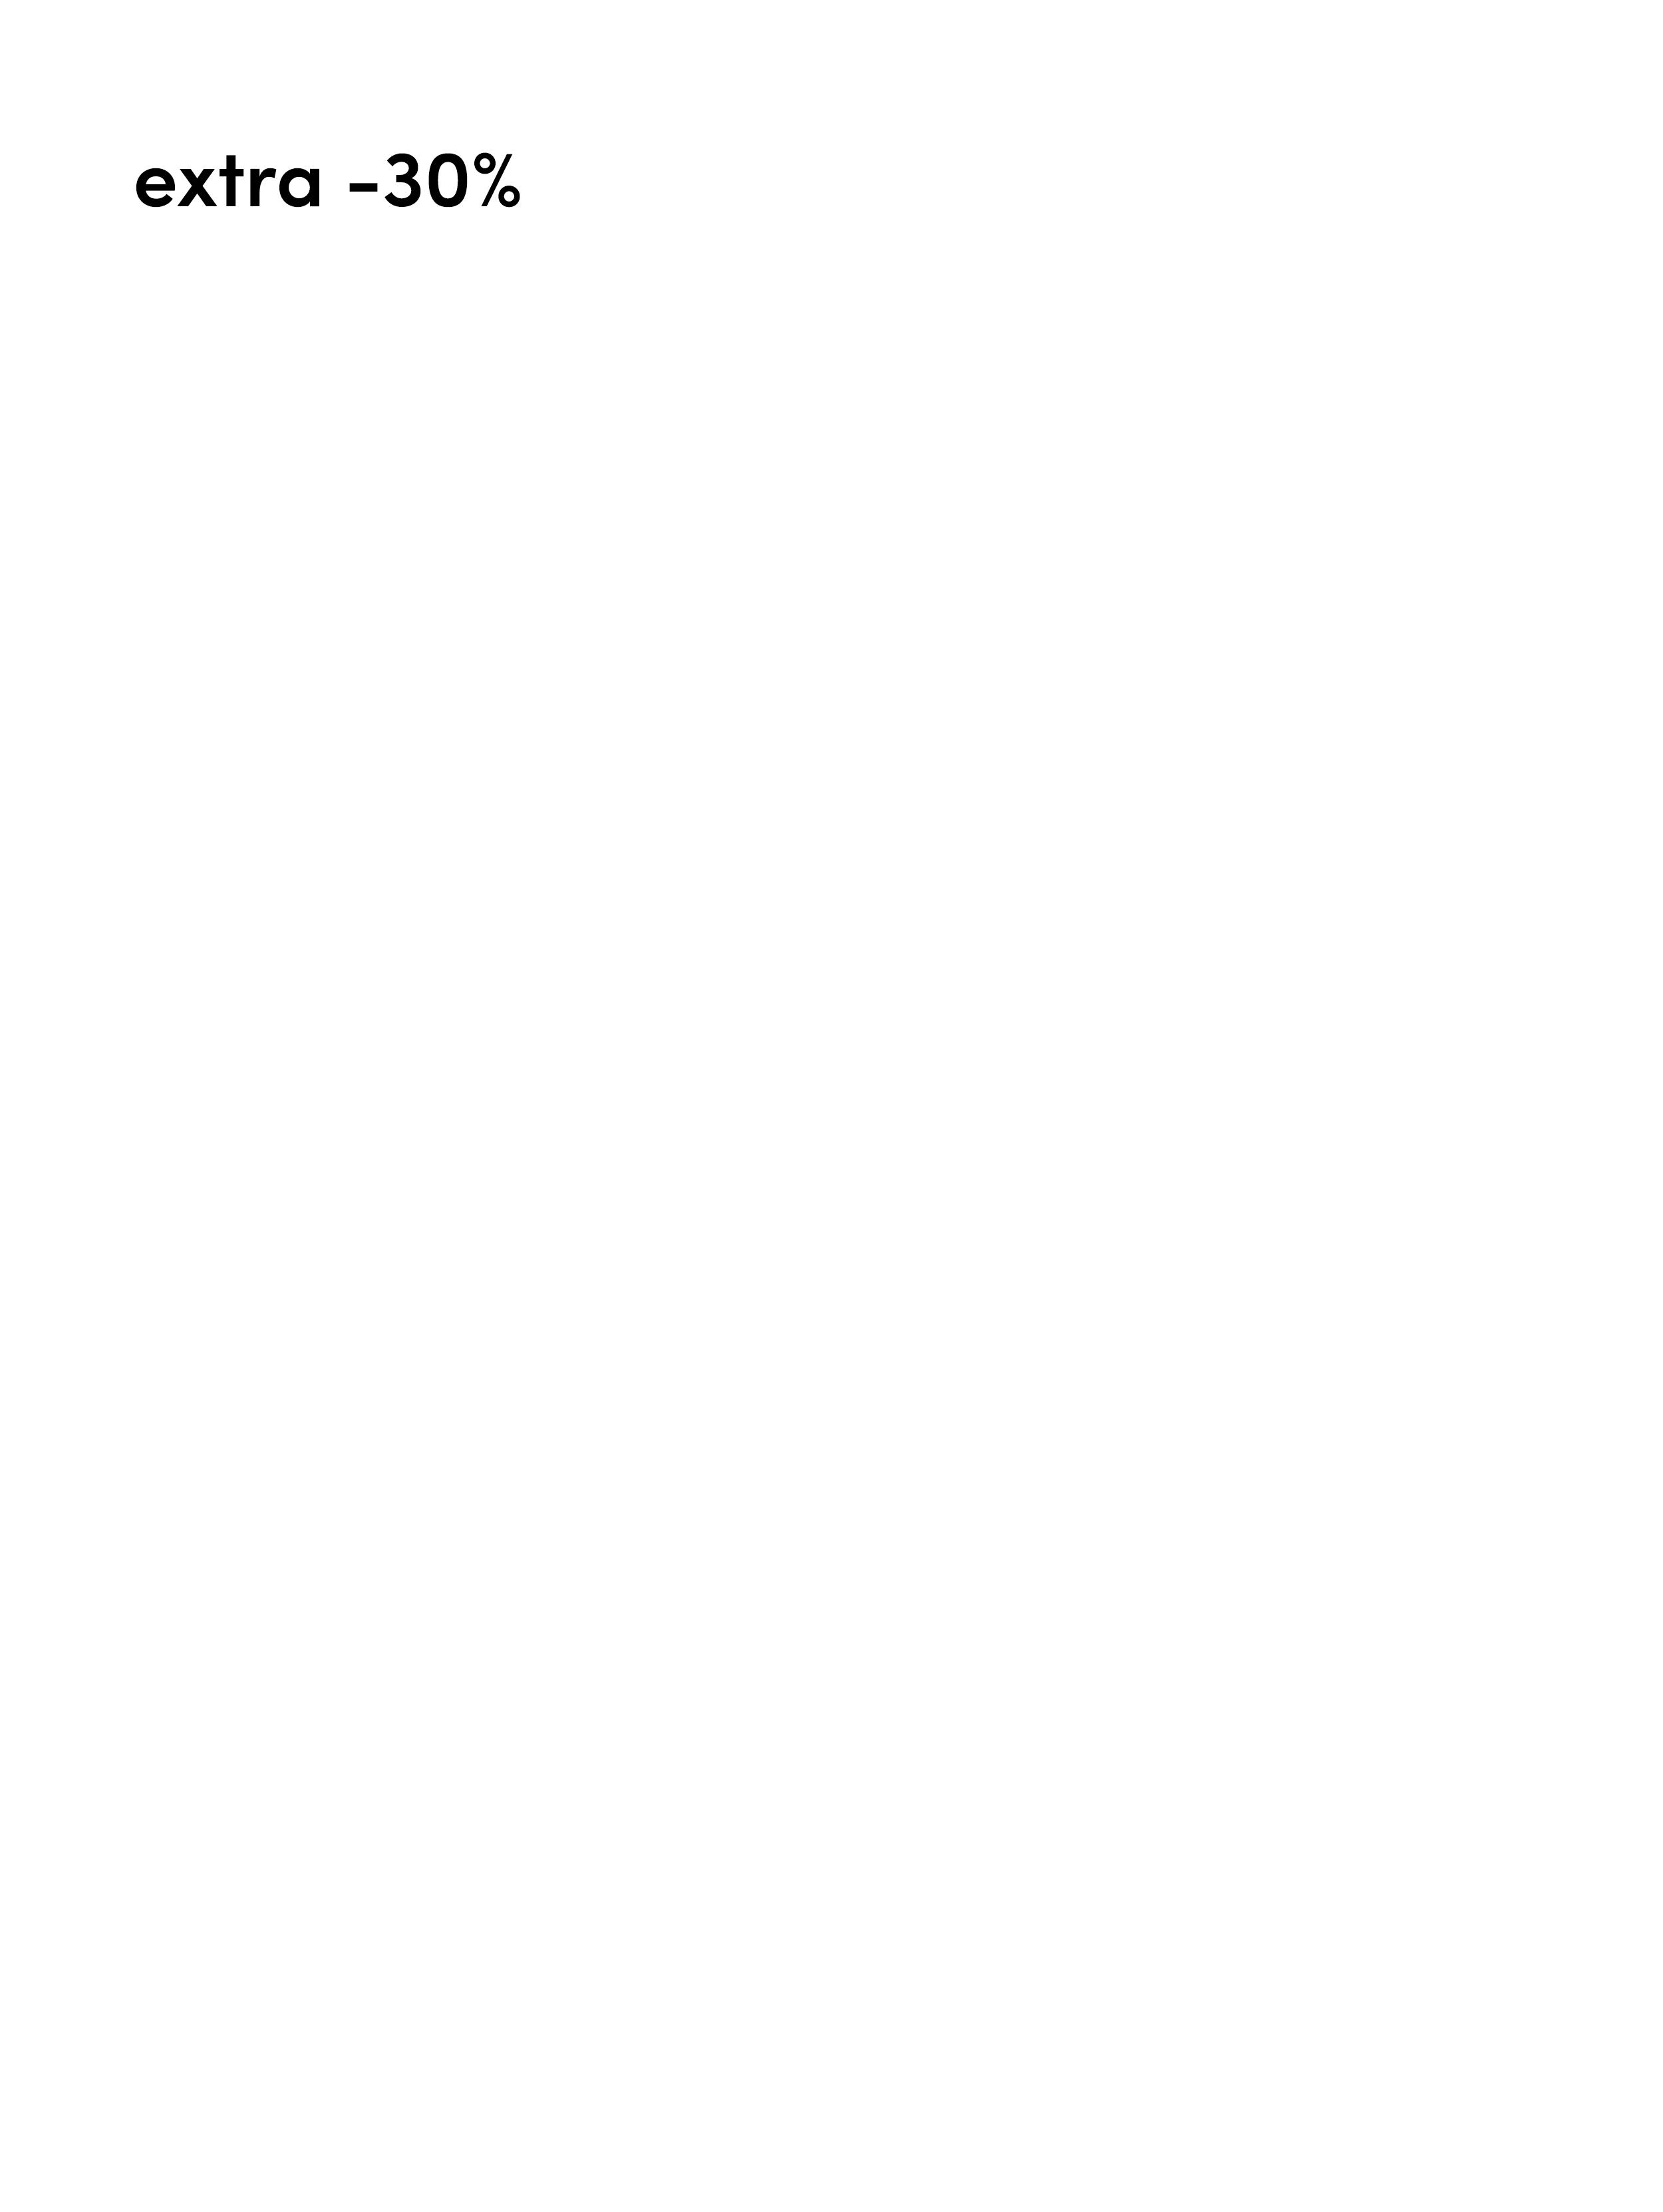 PLCZSK_Extra -30%